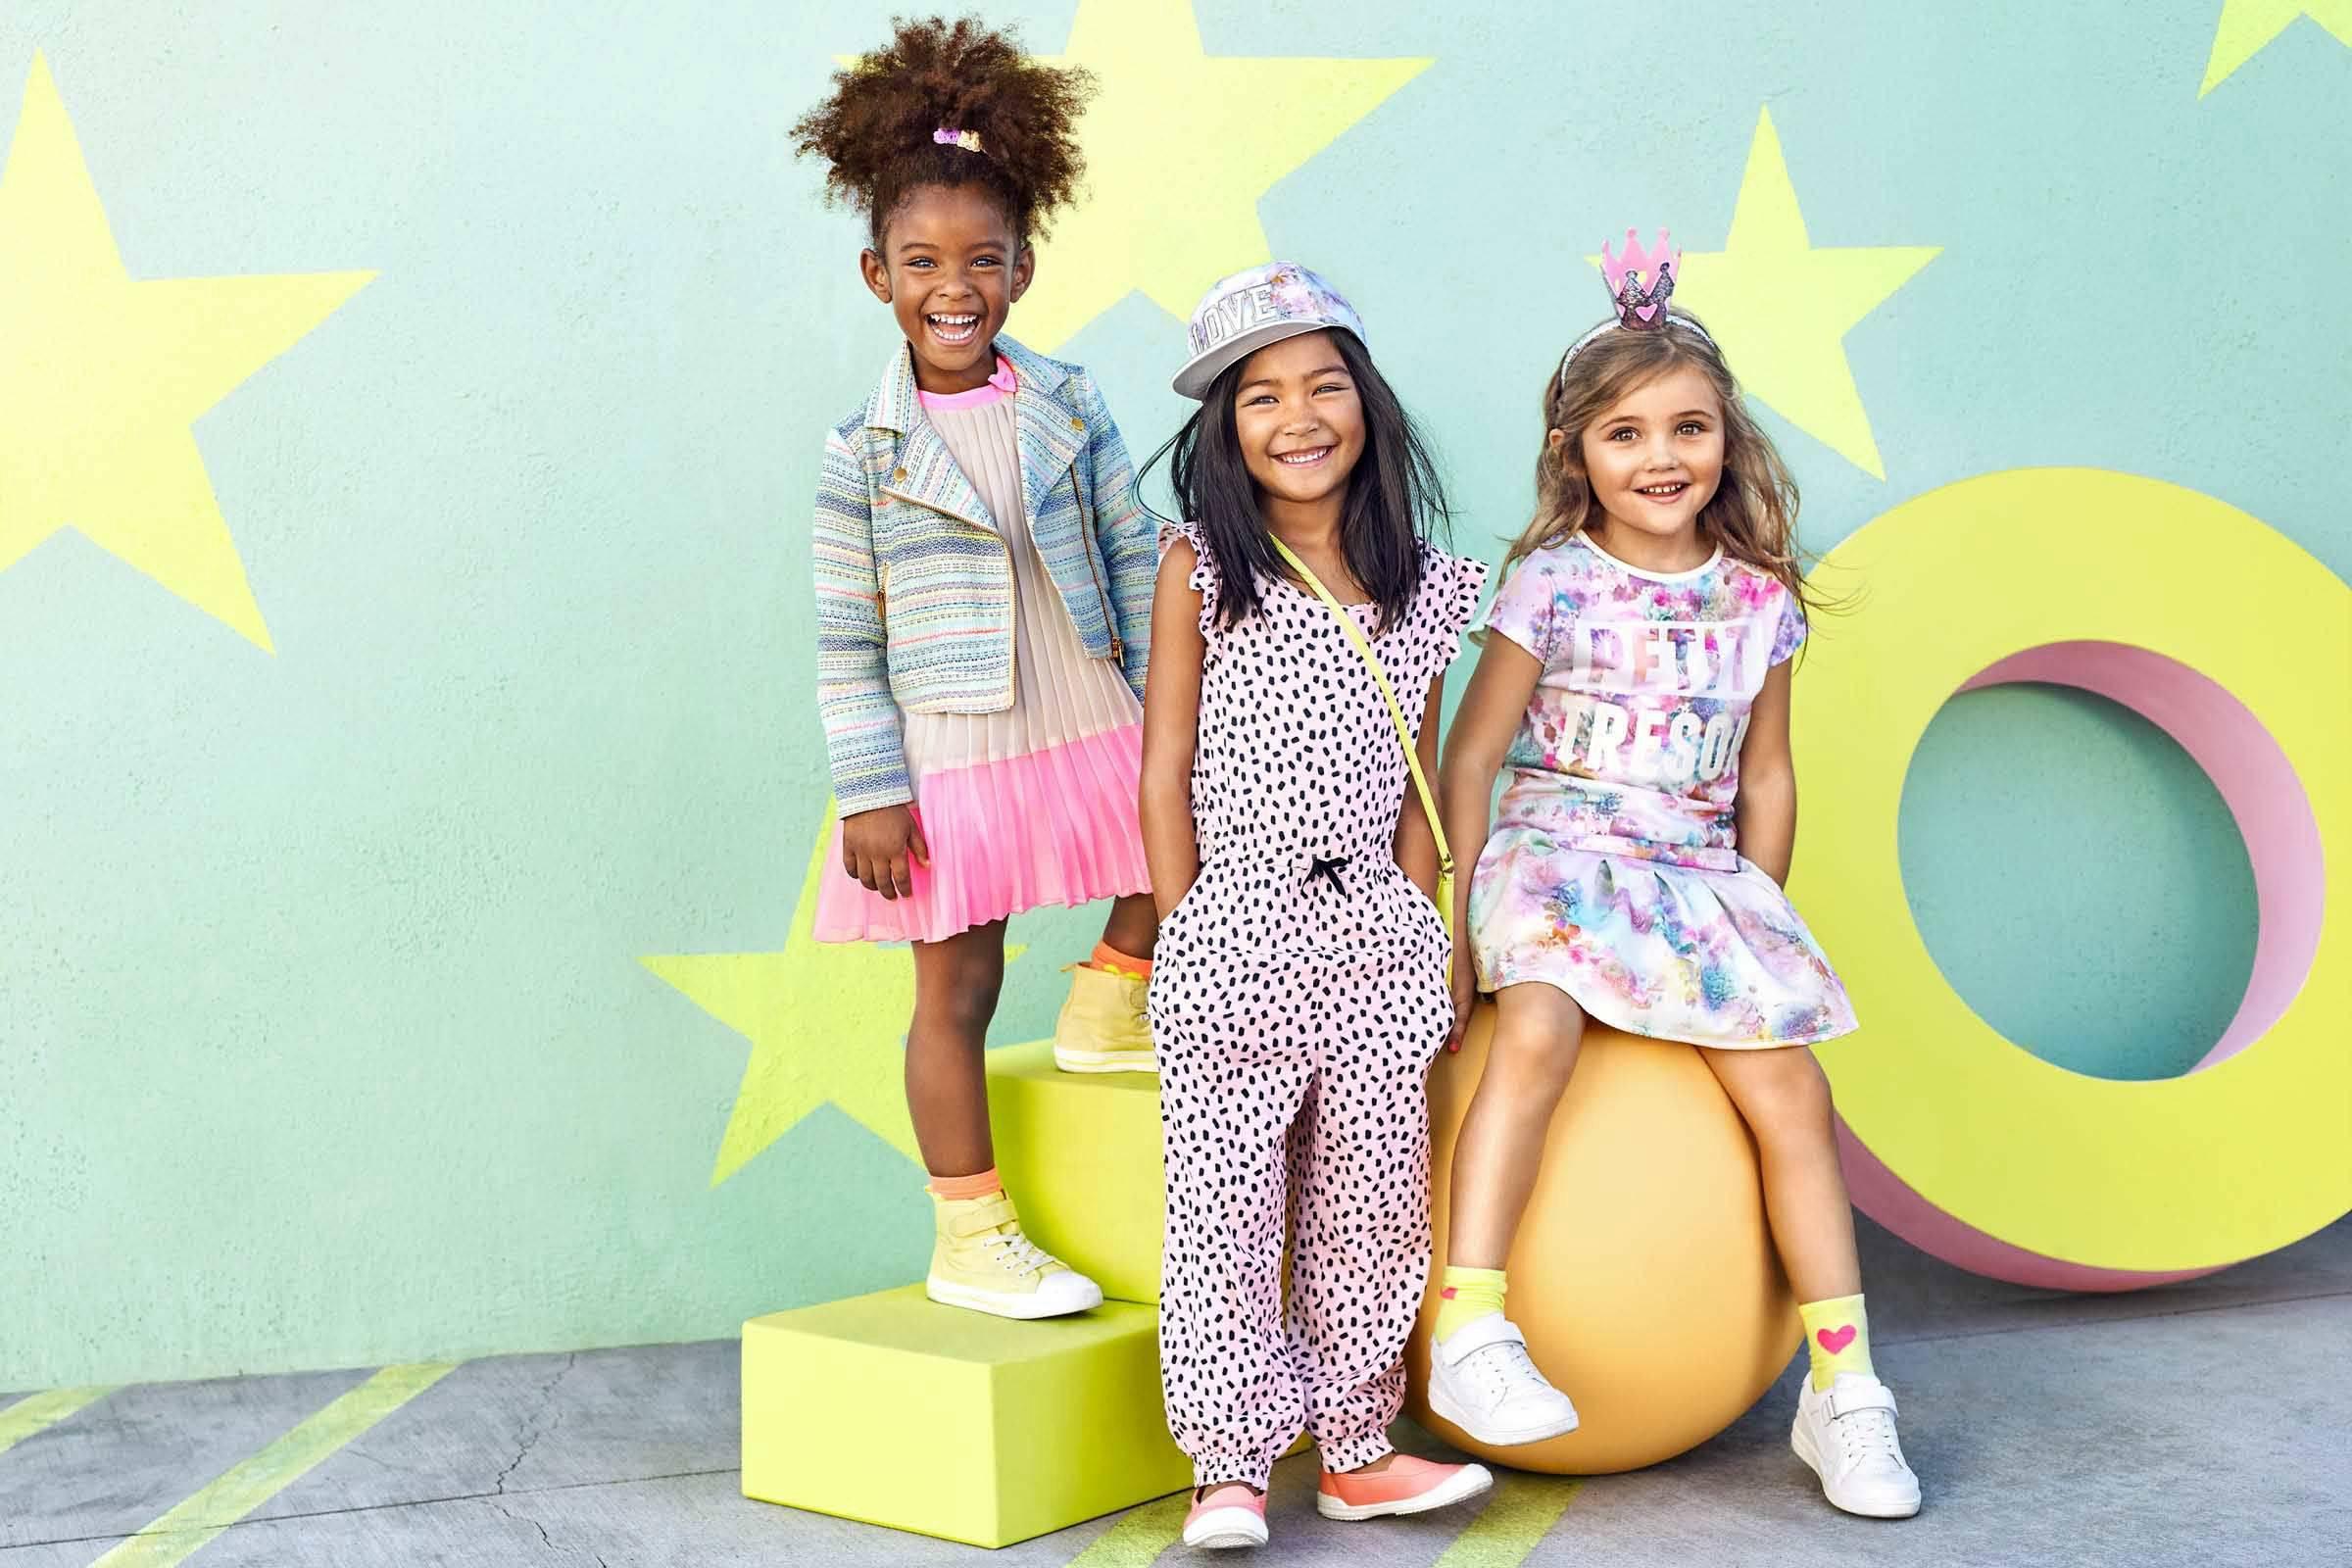 童装市场,中国童装市场,发展前景,消费升级,童装品牌,品牌格局